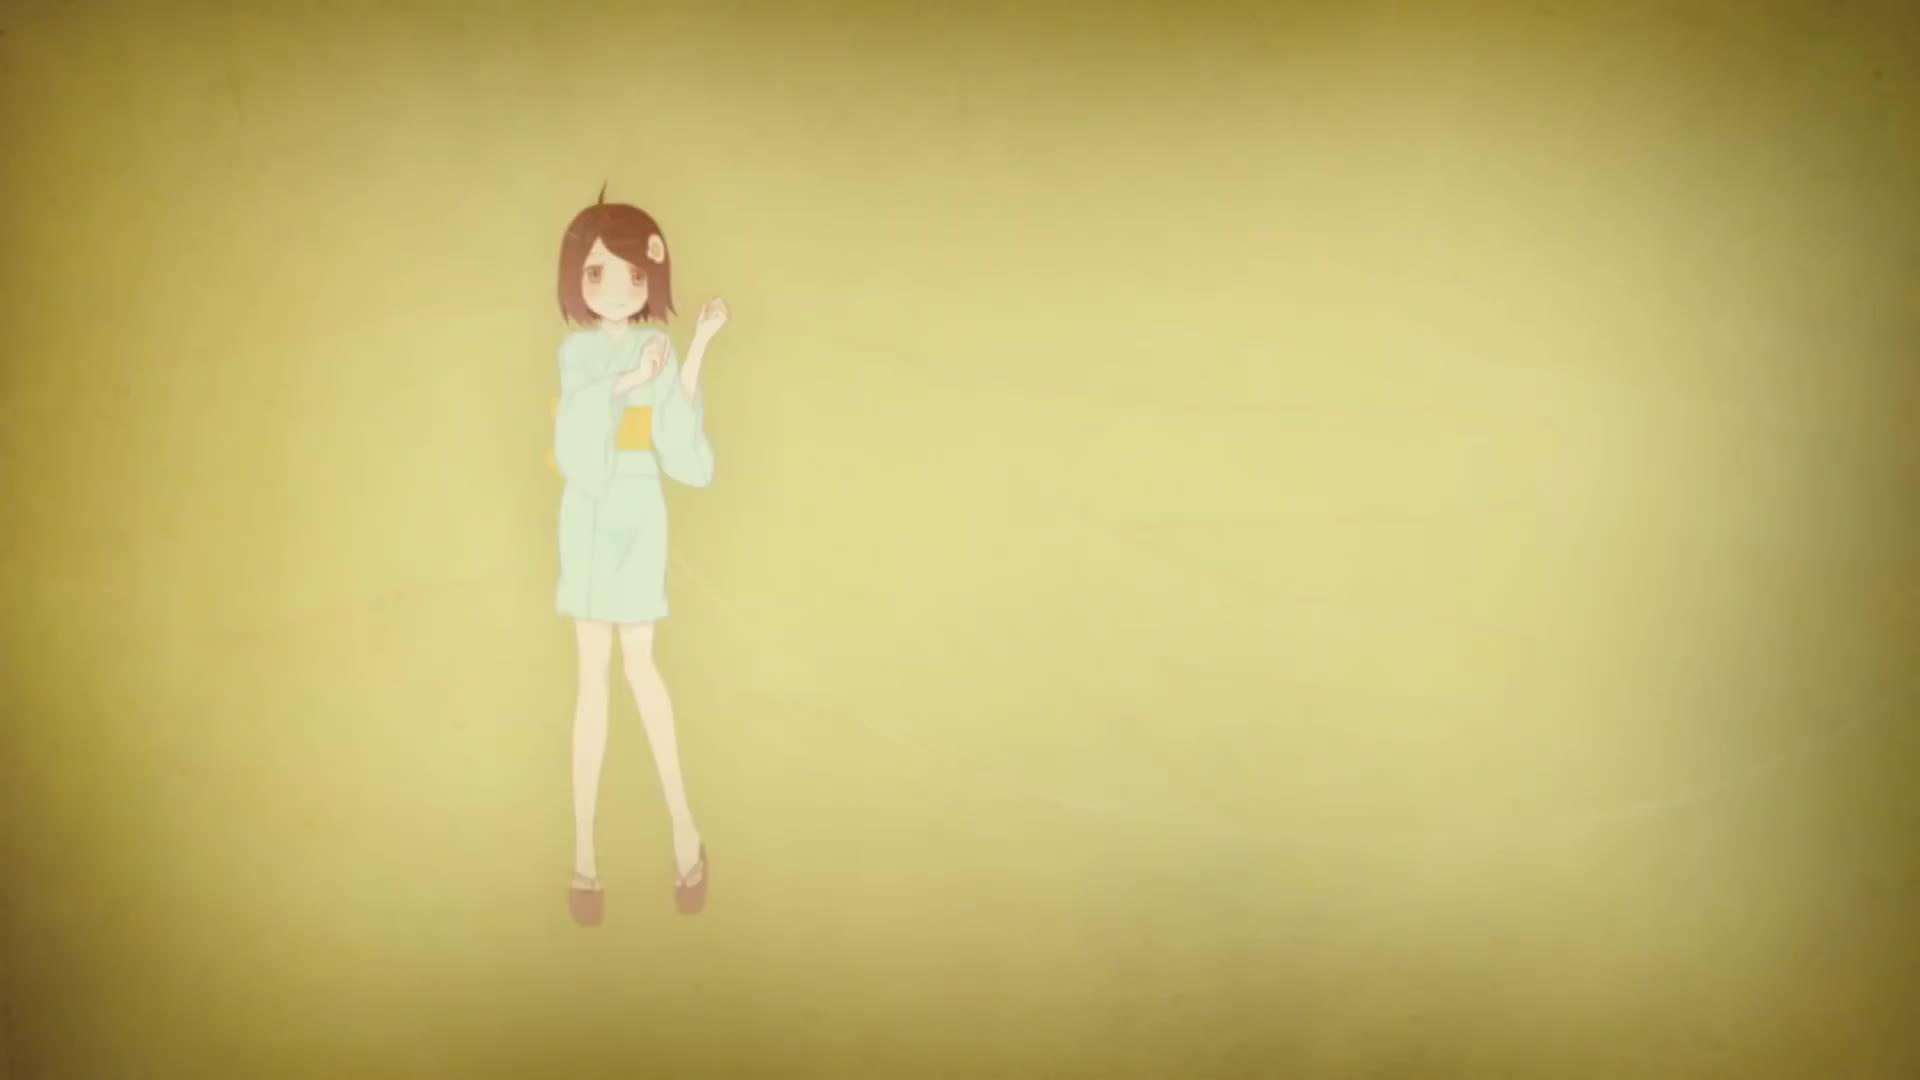 Воздушный поцелуй гифка от женщины аниме